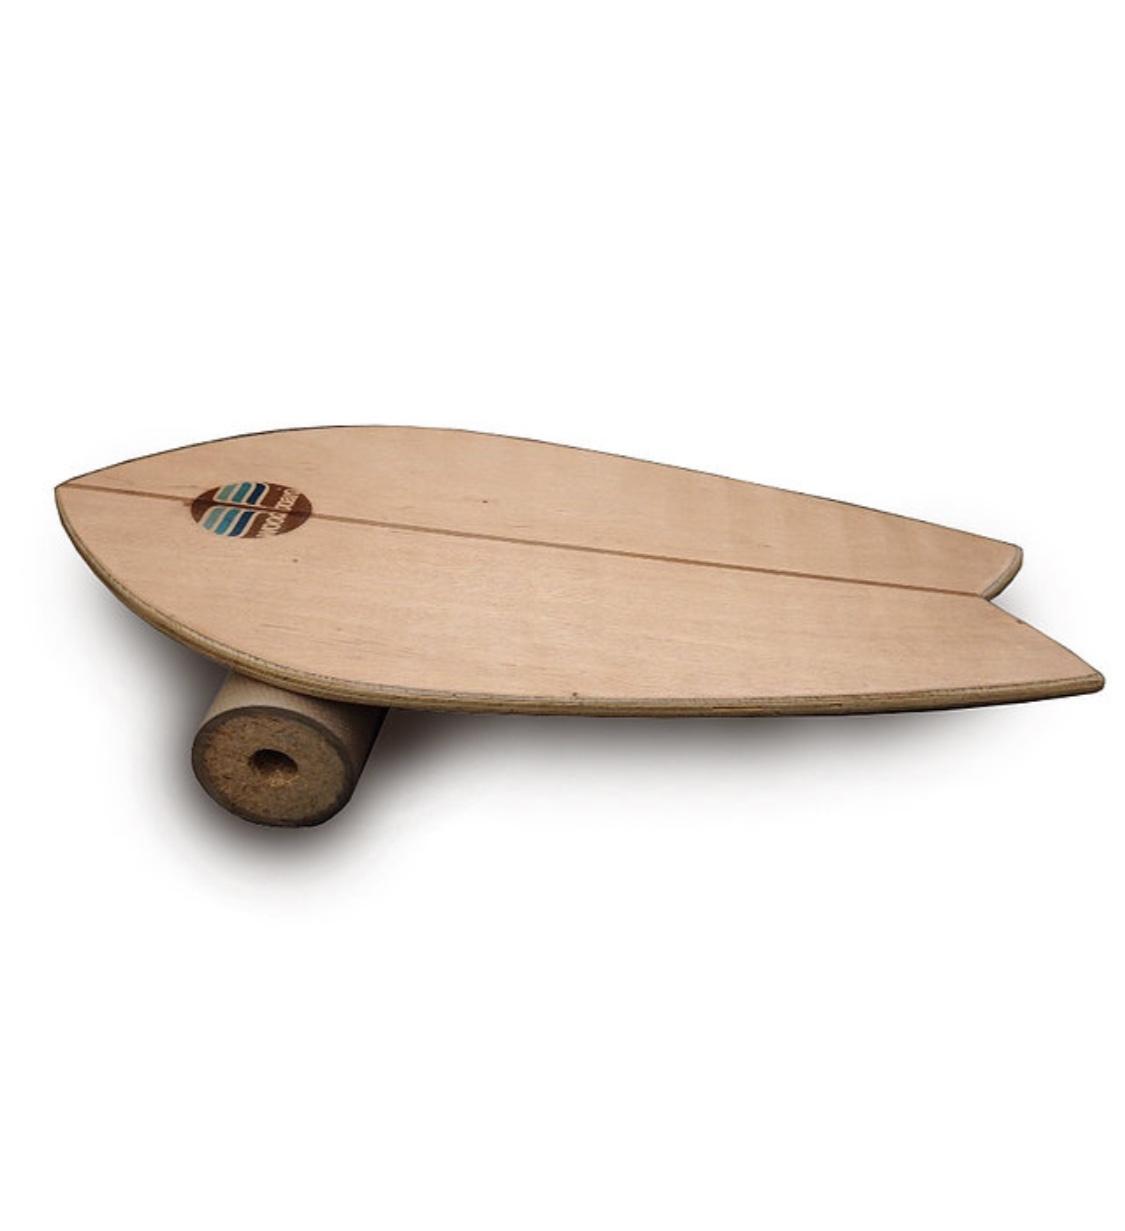 Prancha de Equilíbrio - Woodbike